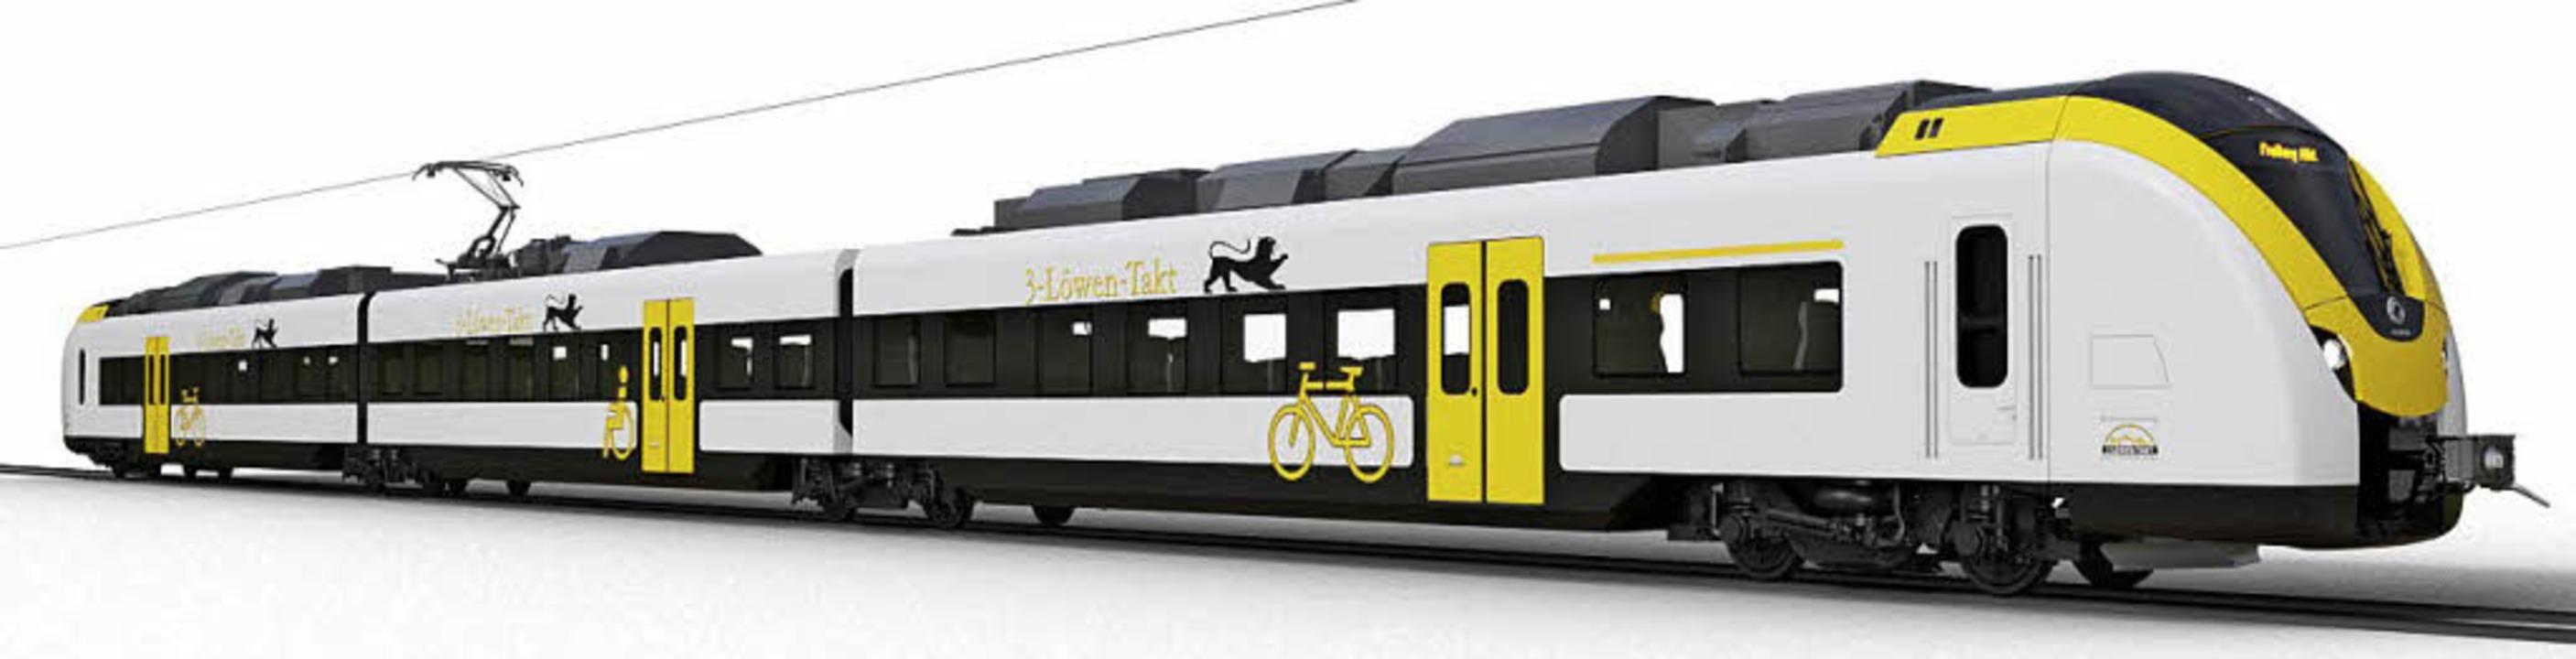 So wird der Zug aussehen, der ab 2019 ...em auf der Höllentalbahn fahren soll.   | Foto: Astom